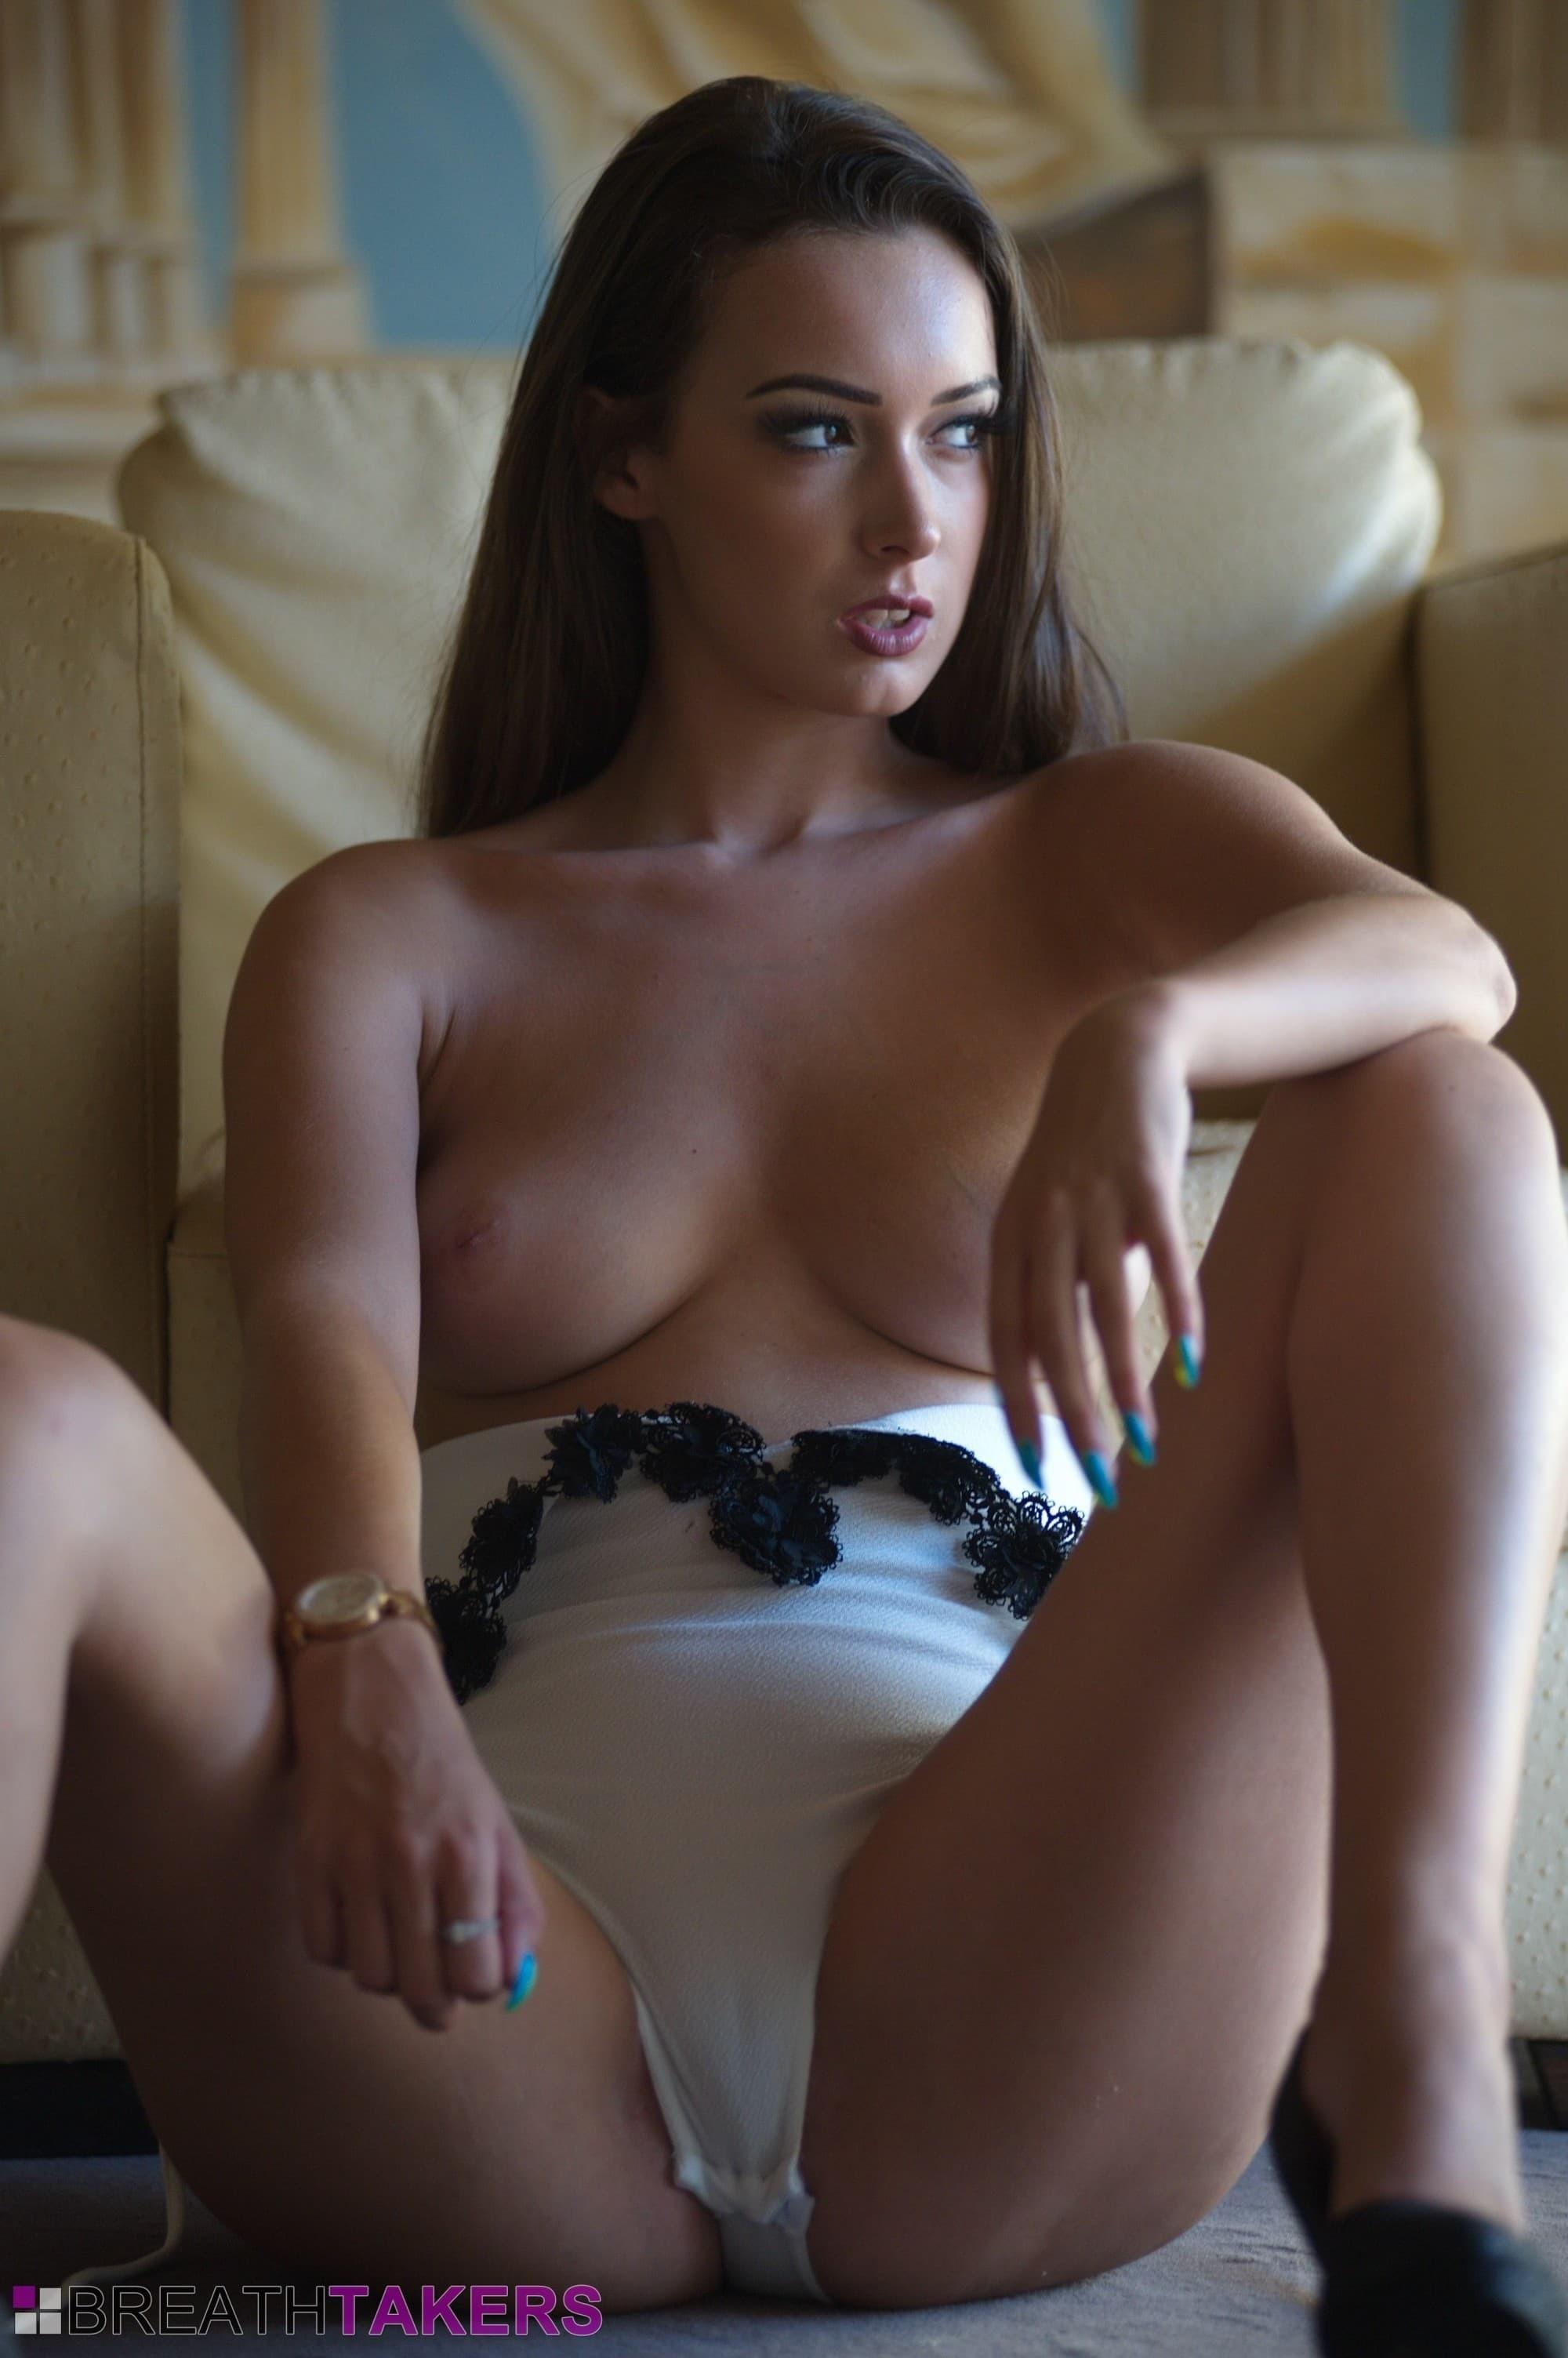 Красотка с шикарной упругой грудью на кресле - фото